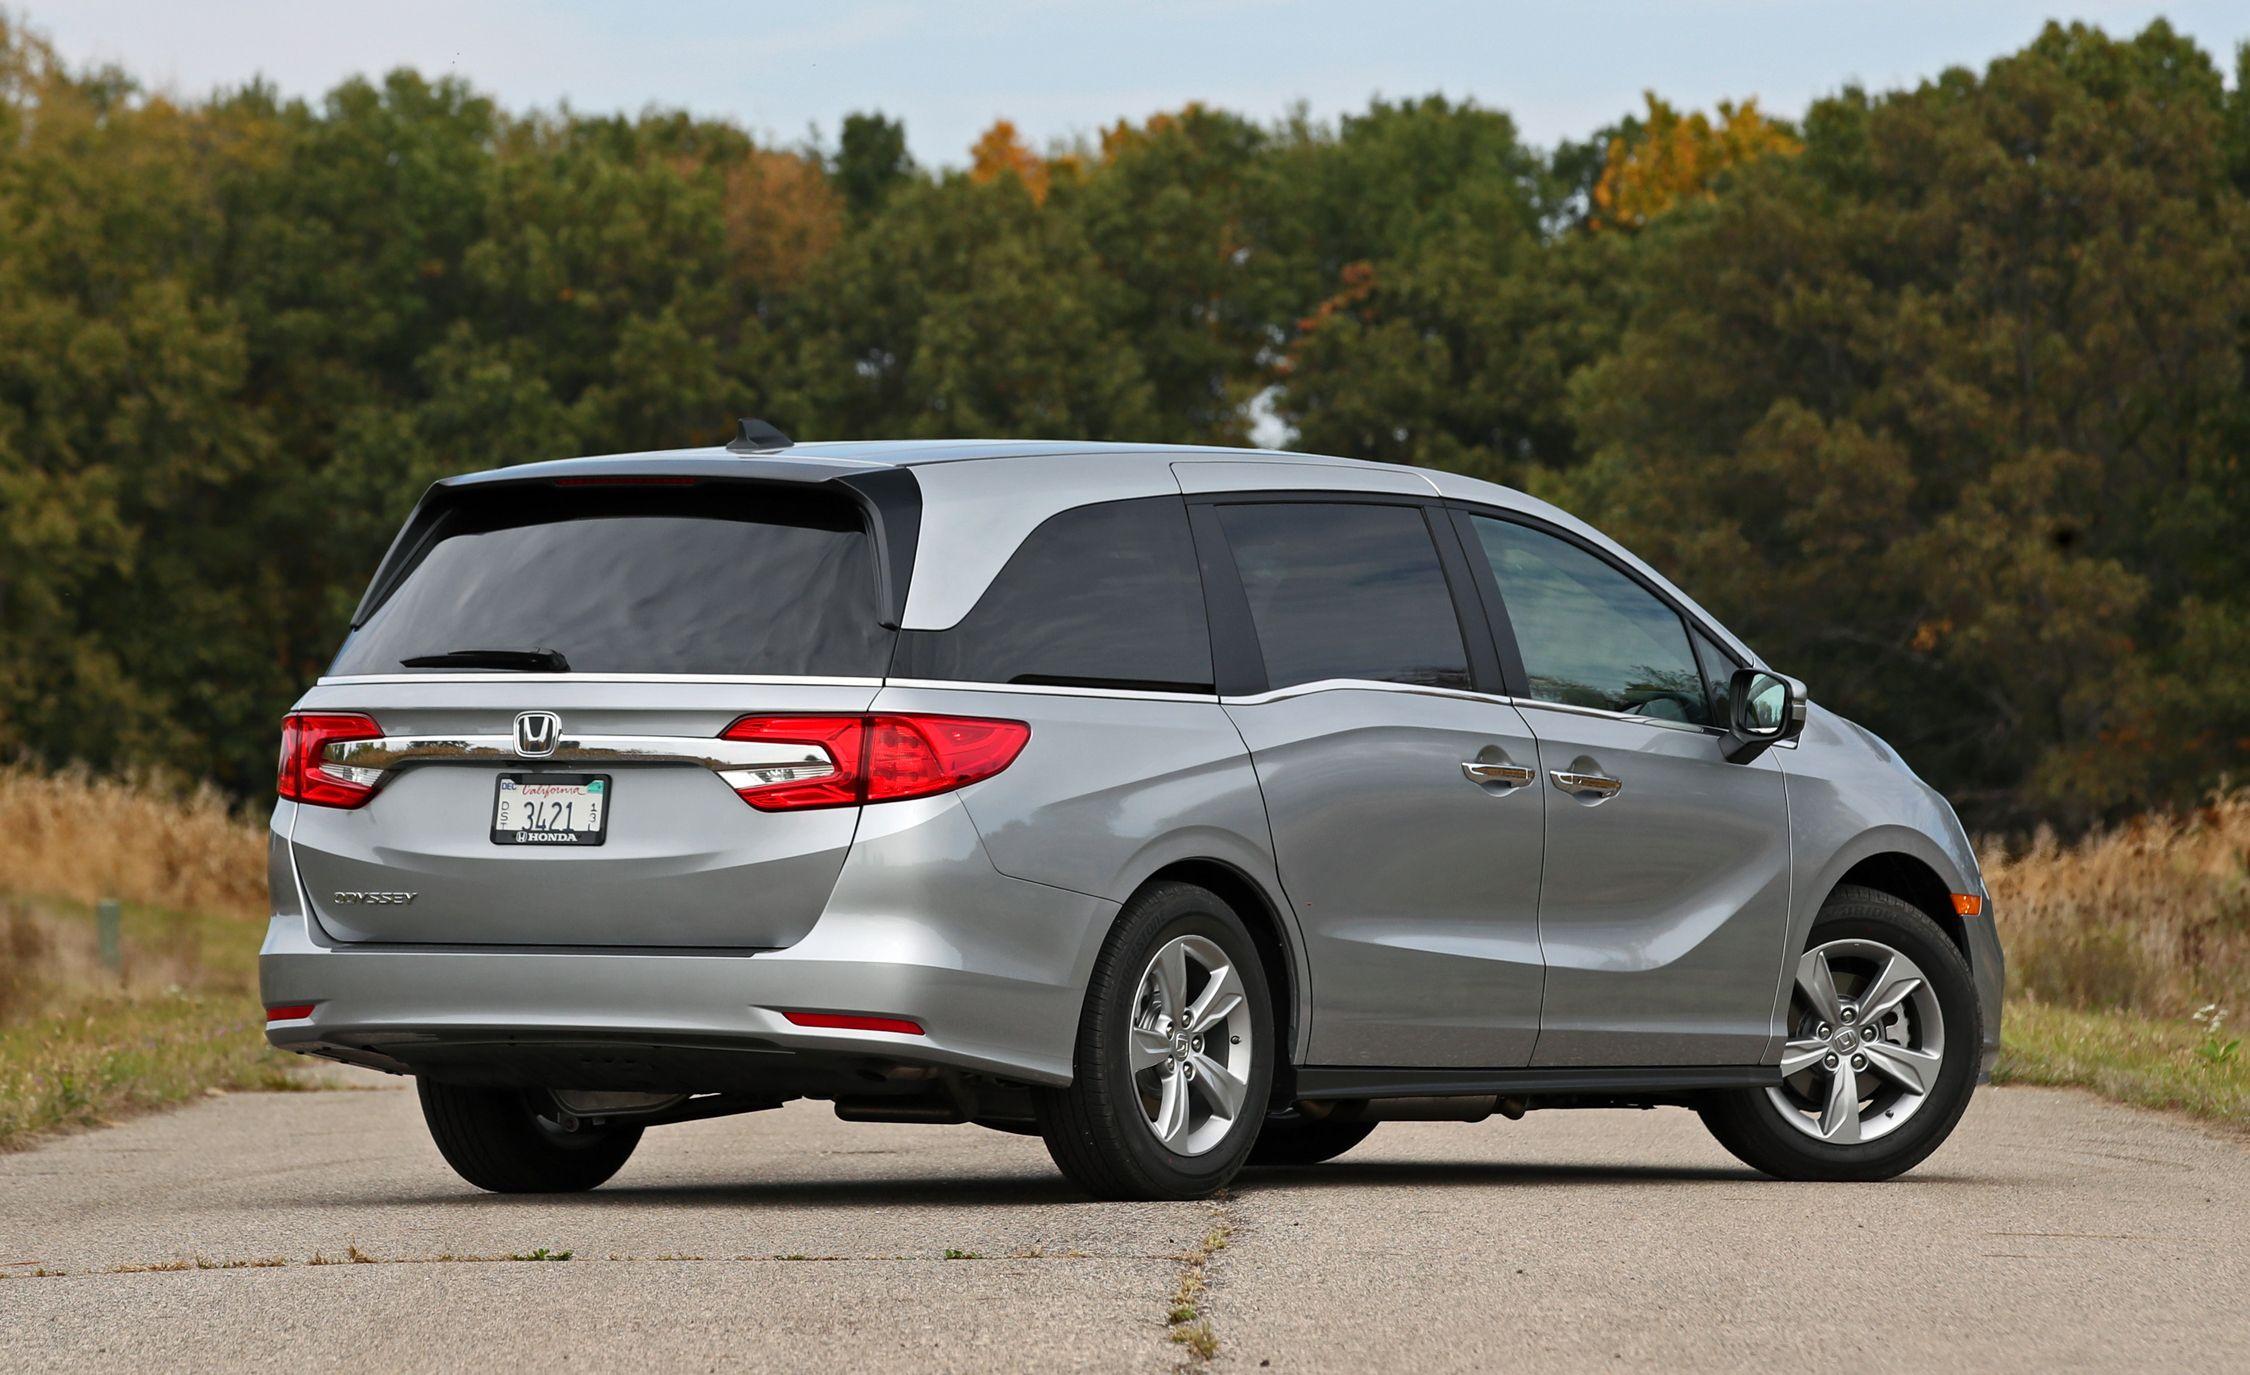 Honda Odyssey Reviews Honda Odyssey Price Photos And Specs Car